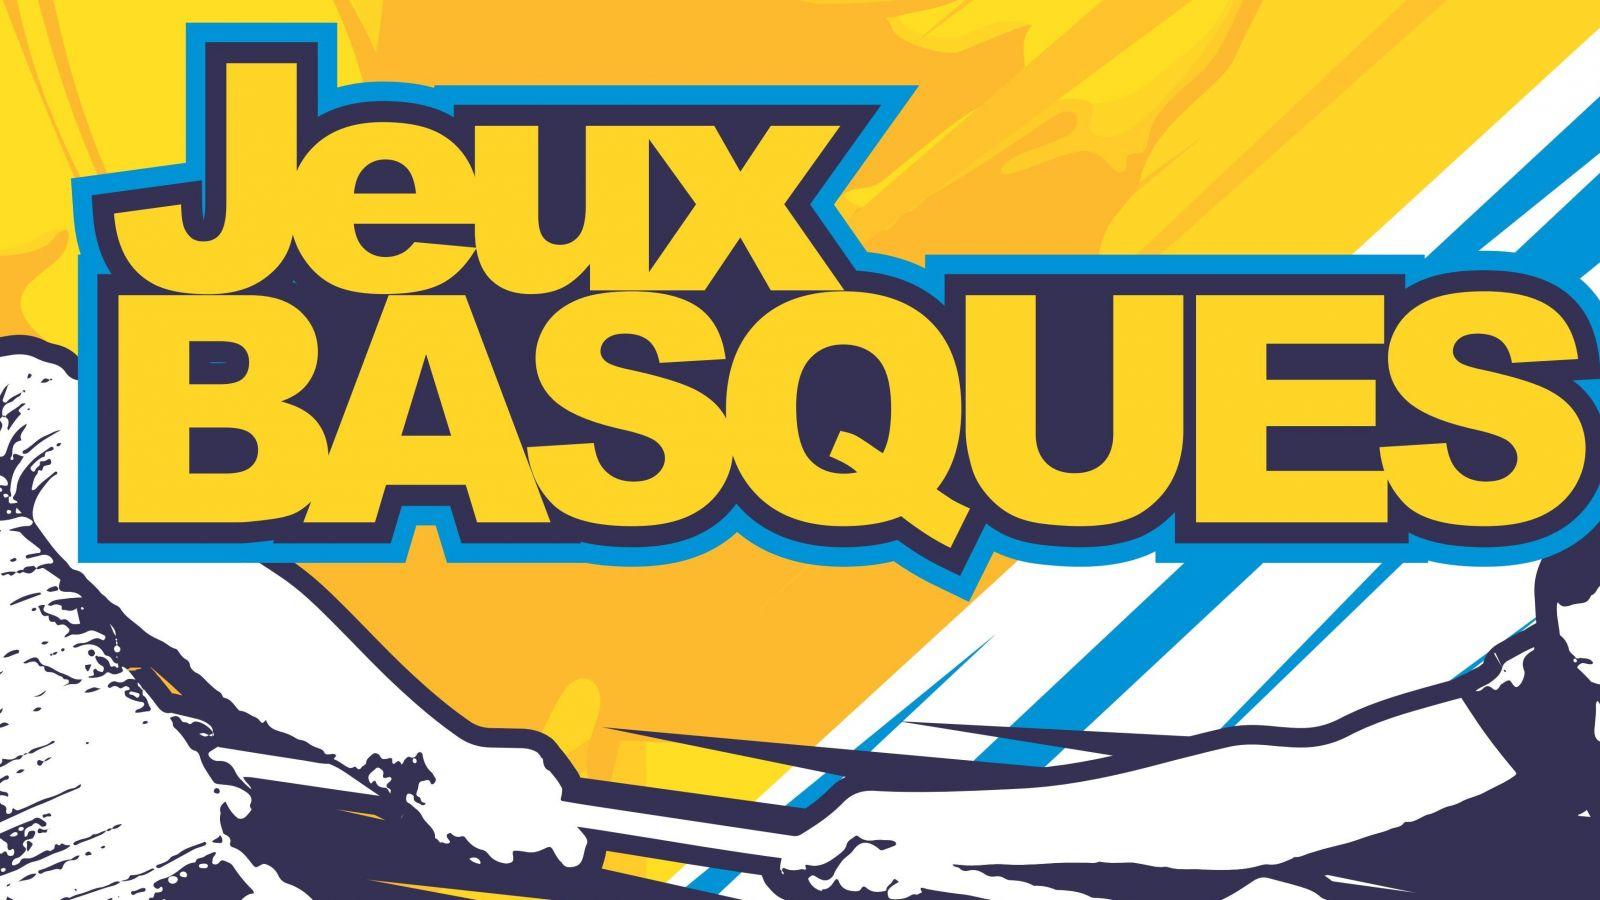 Jeux basques le 8 mai 2018